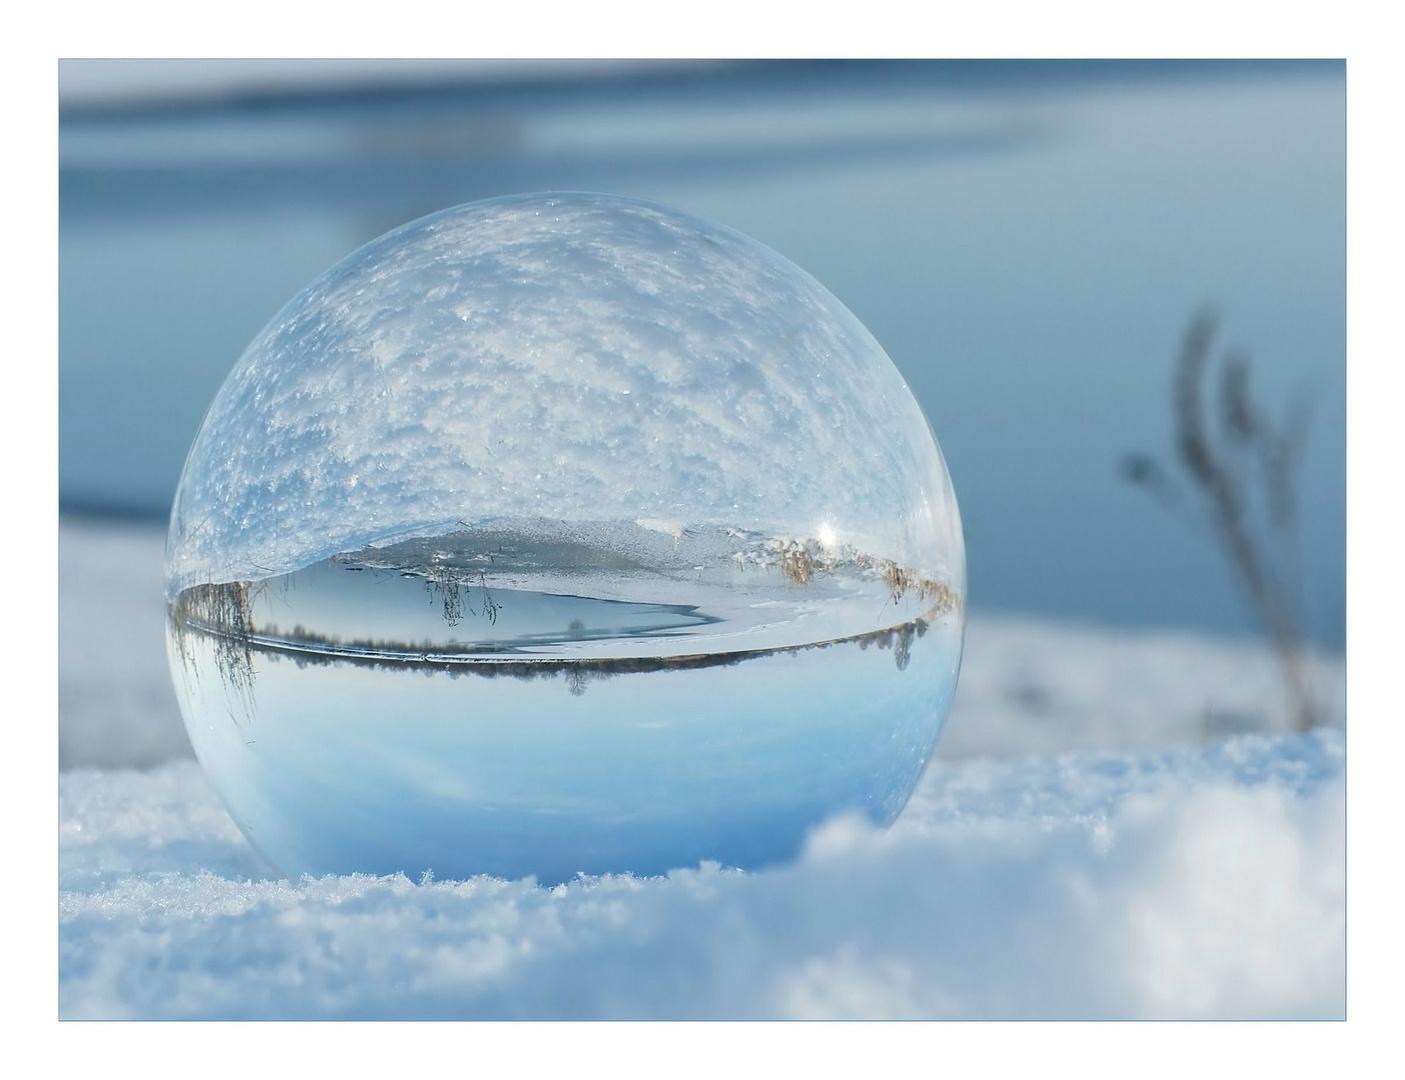 Grenzkugel :  Schnee-Wasser-Eis